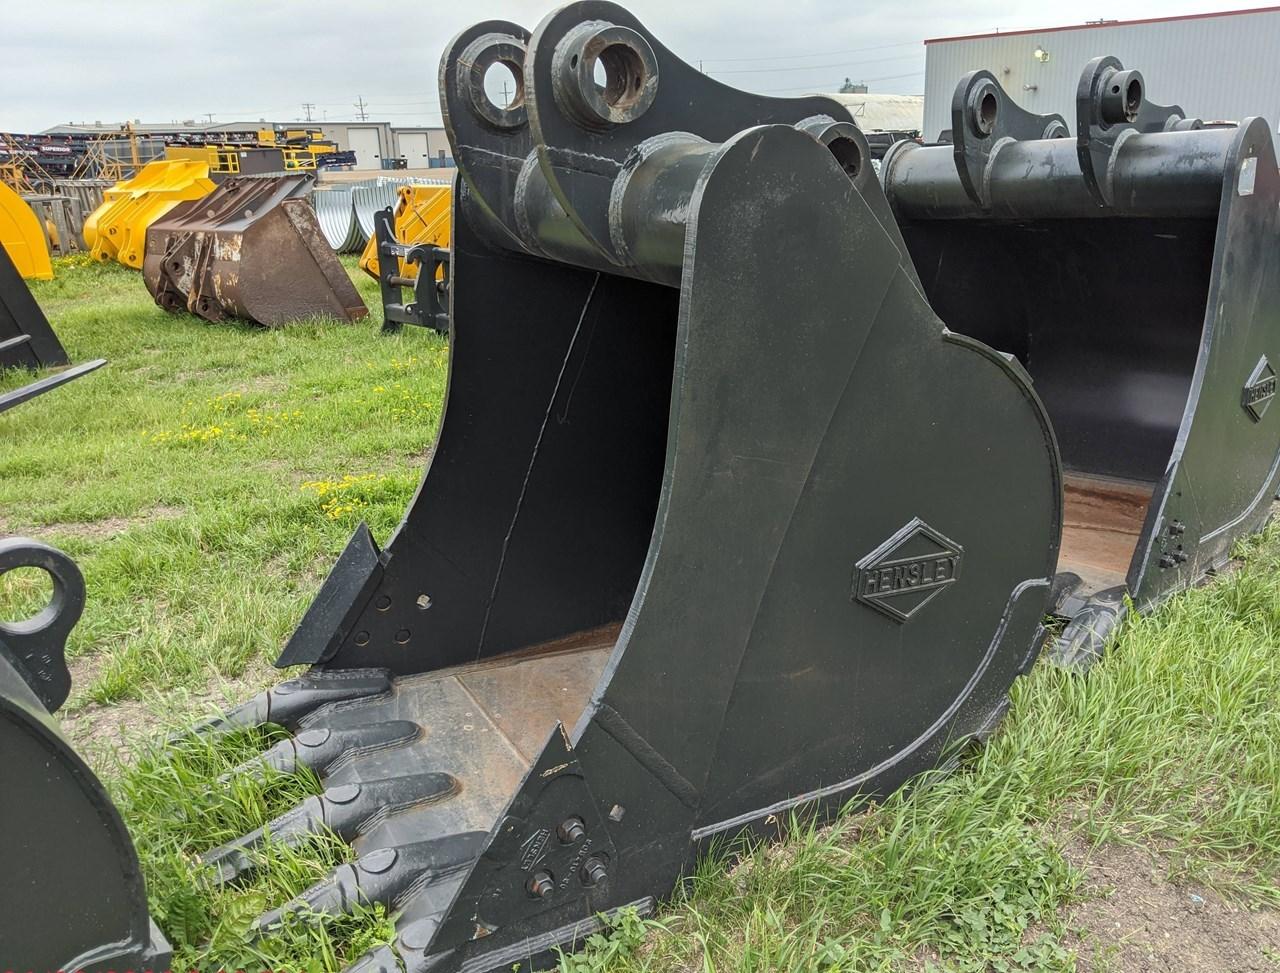 2019 Hensley PC490GP48 Excavator Bucket For Sale